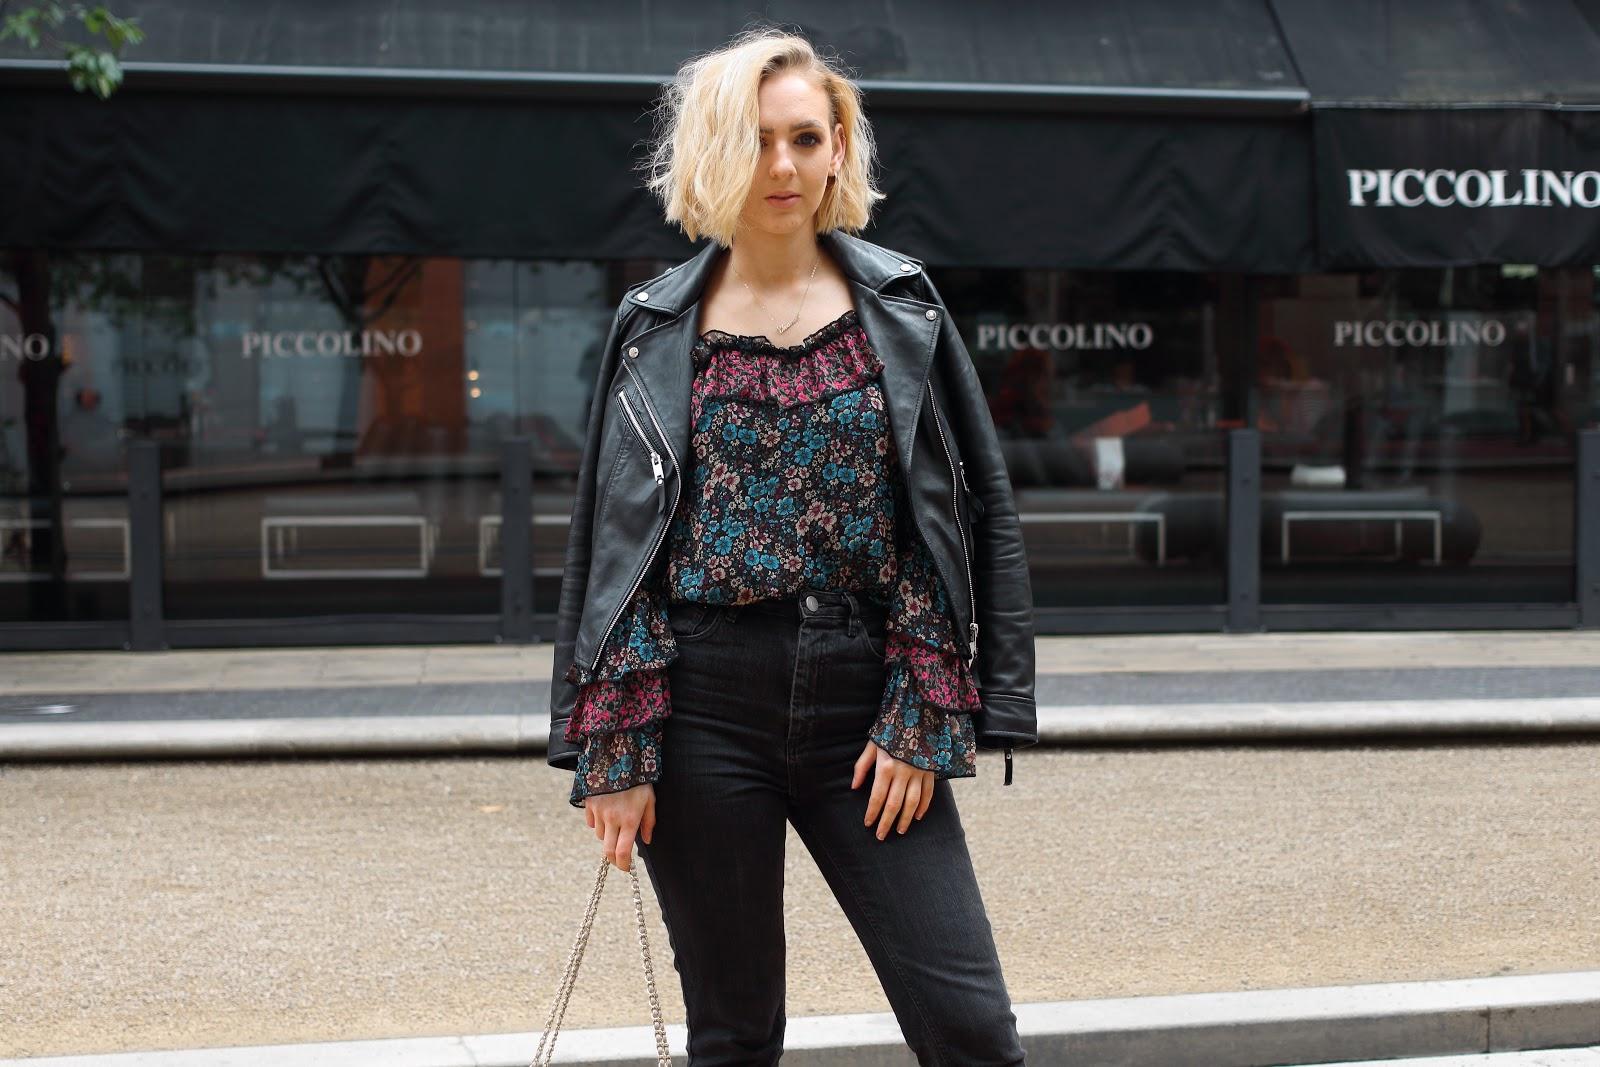 Frills, Cold Shoulder, top, river, island, floral, pink, blue, styled, leather, jacket, fashion, uk, blogger, hughstreet, birmingham